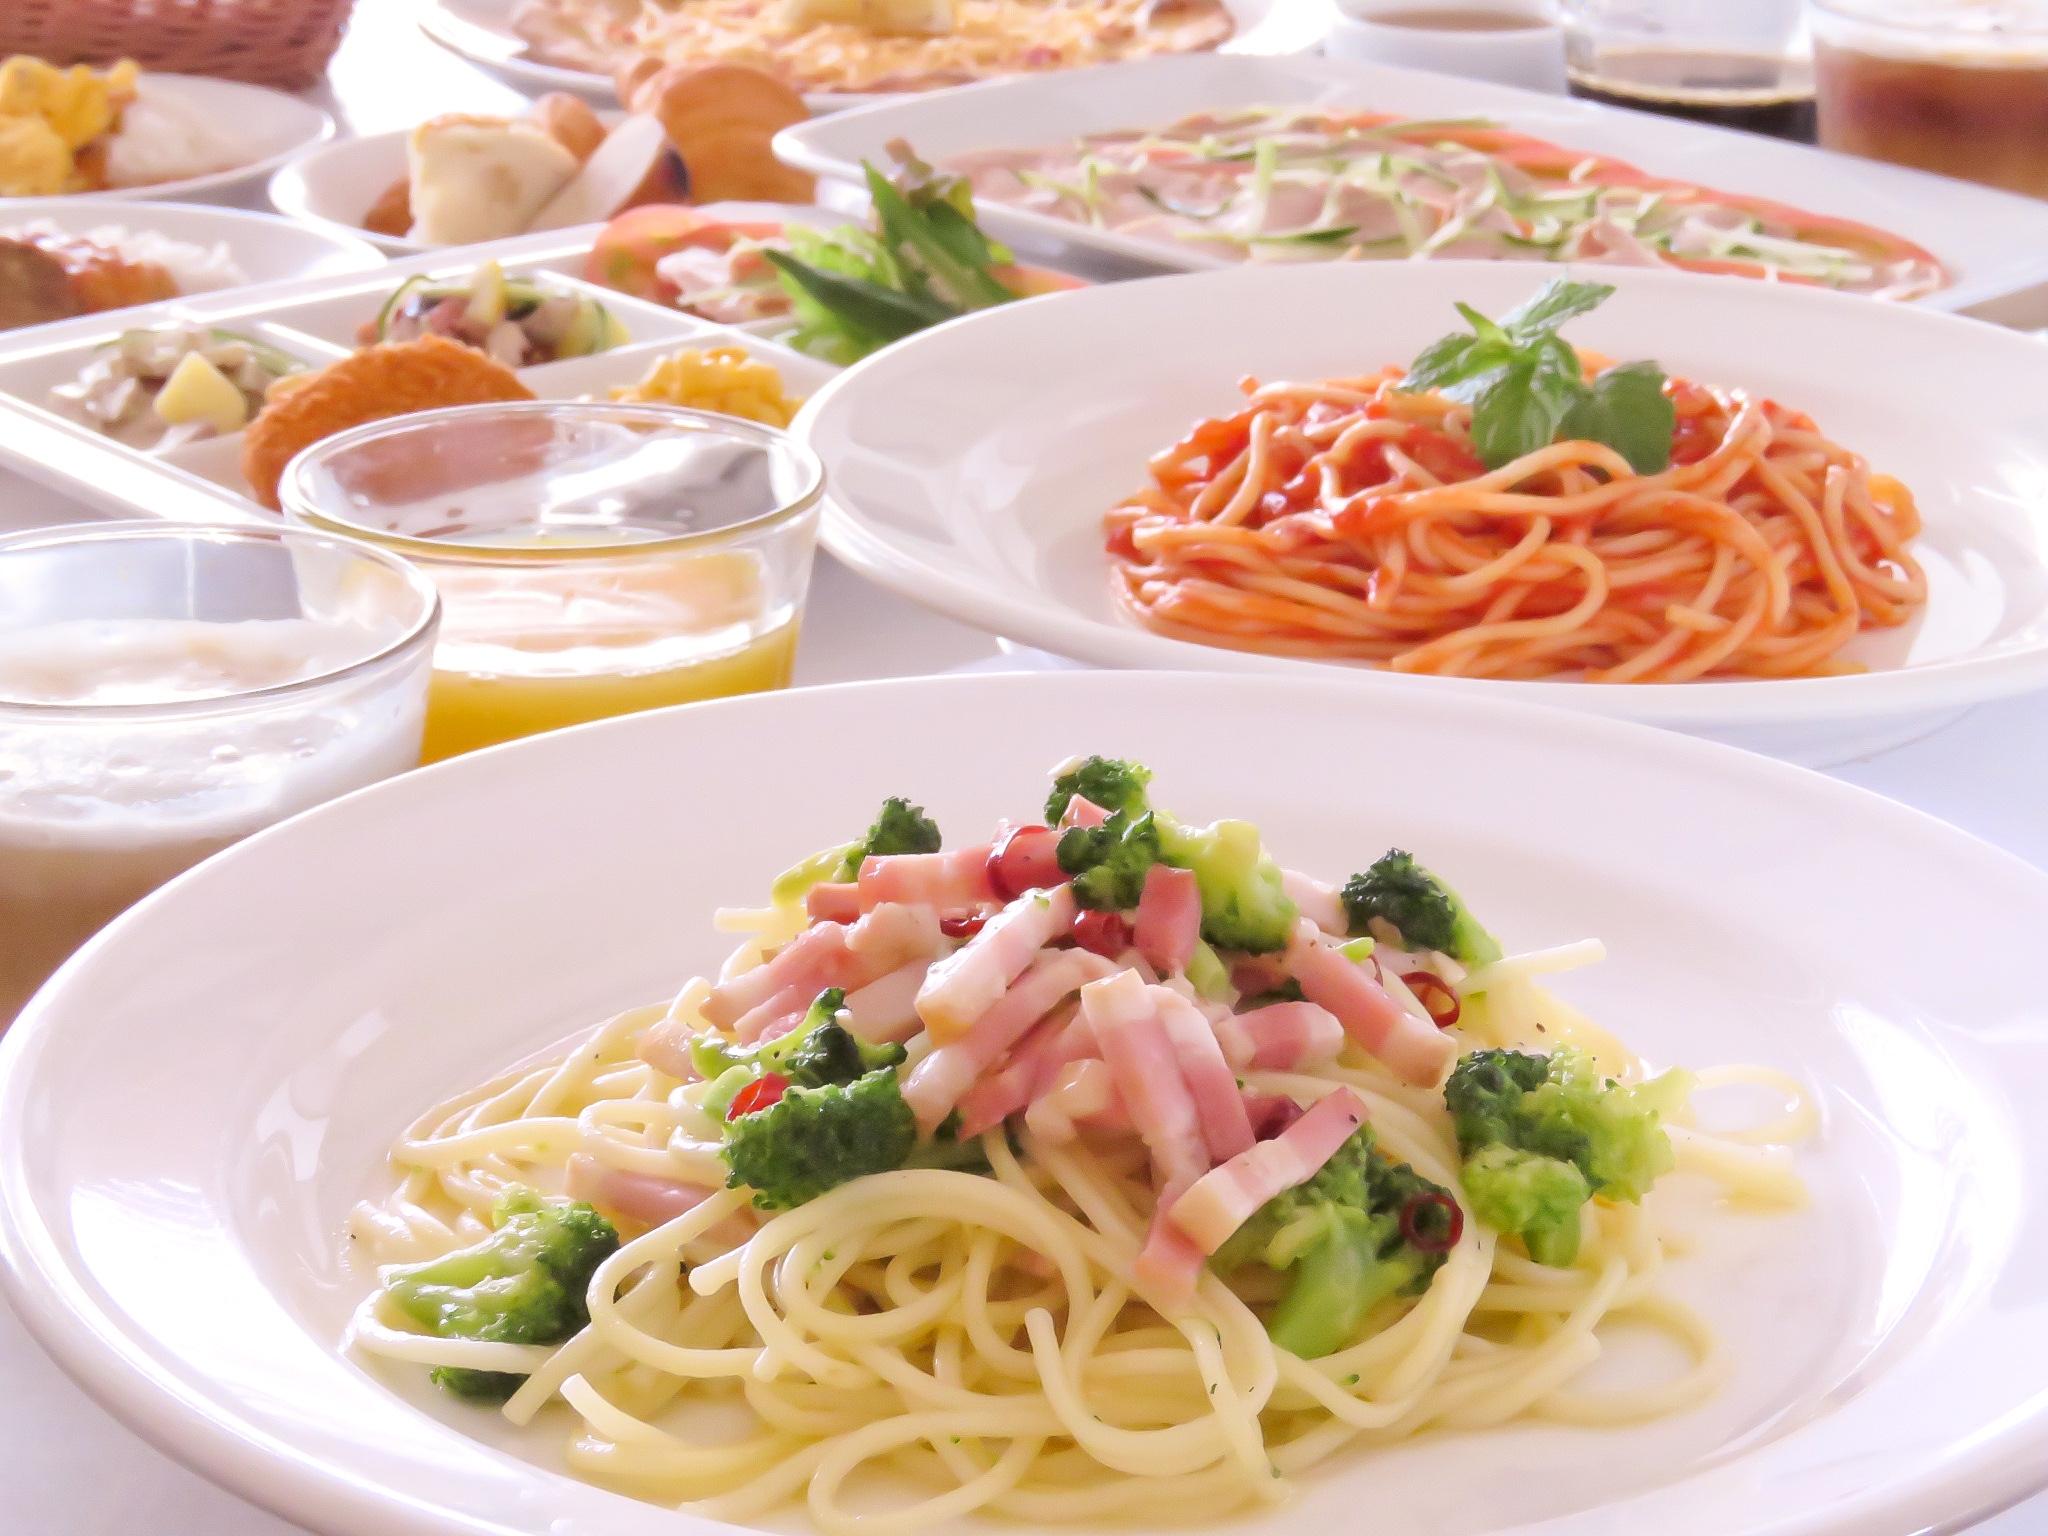 新三郷のランチ特集!食べ放題や子連れにも人気のおすすめ店を紹介!